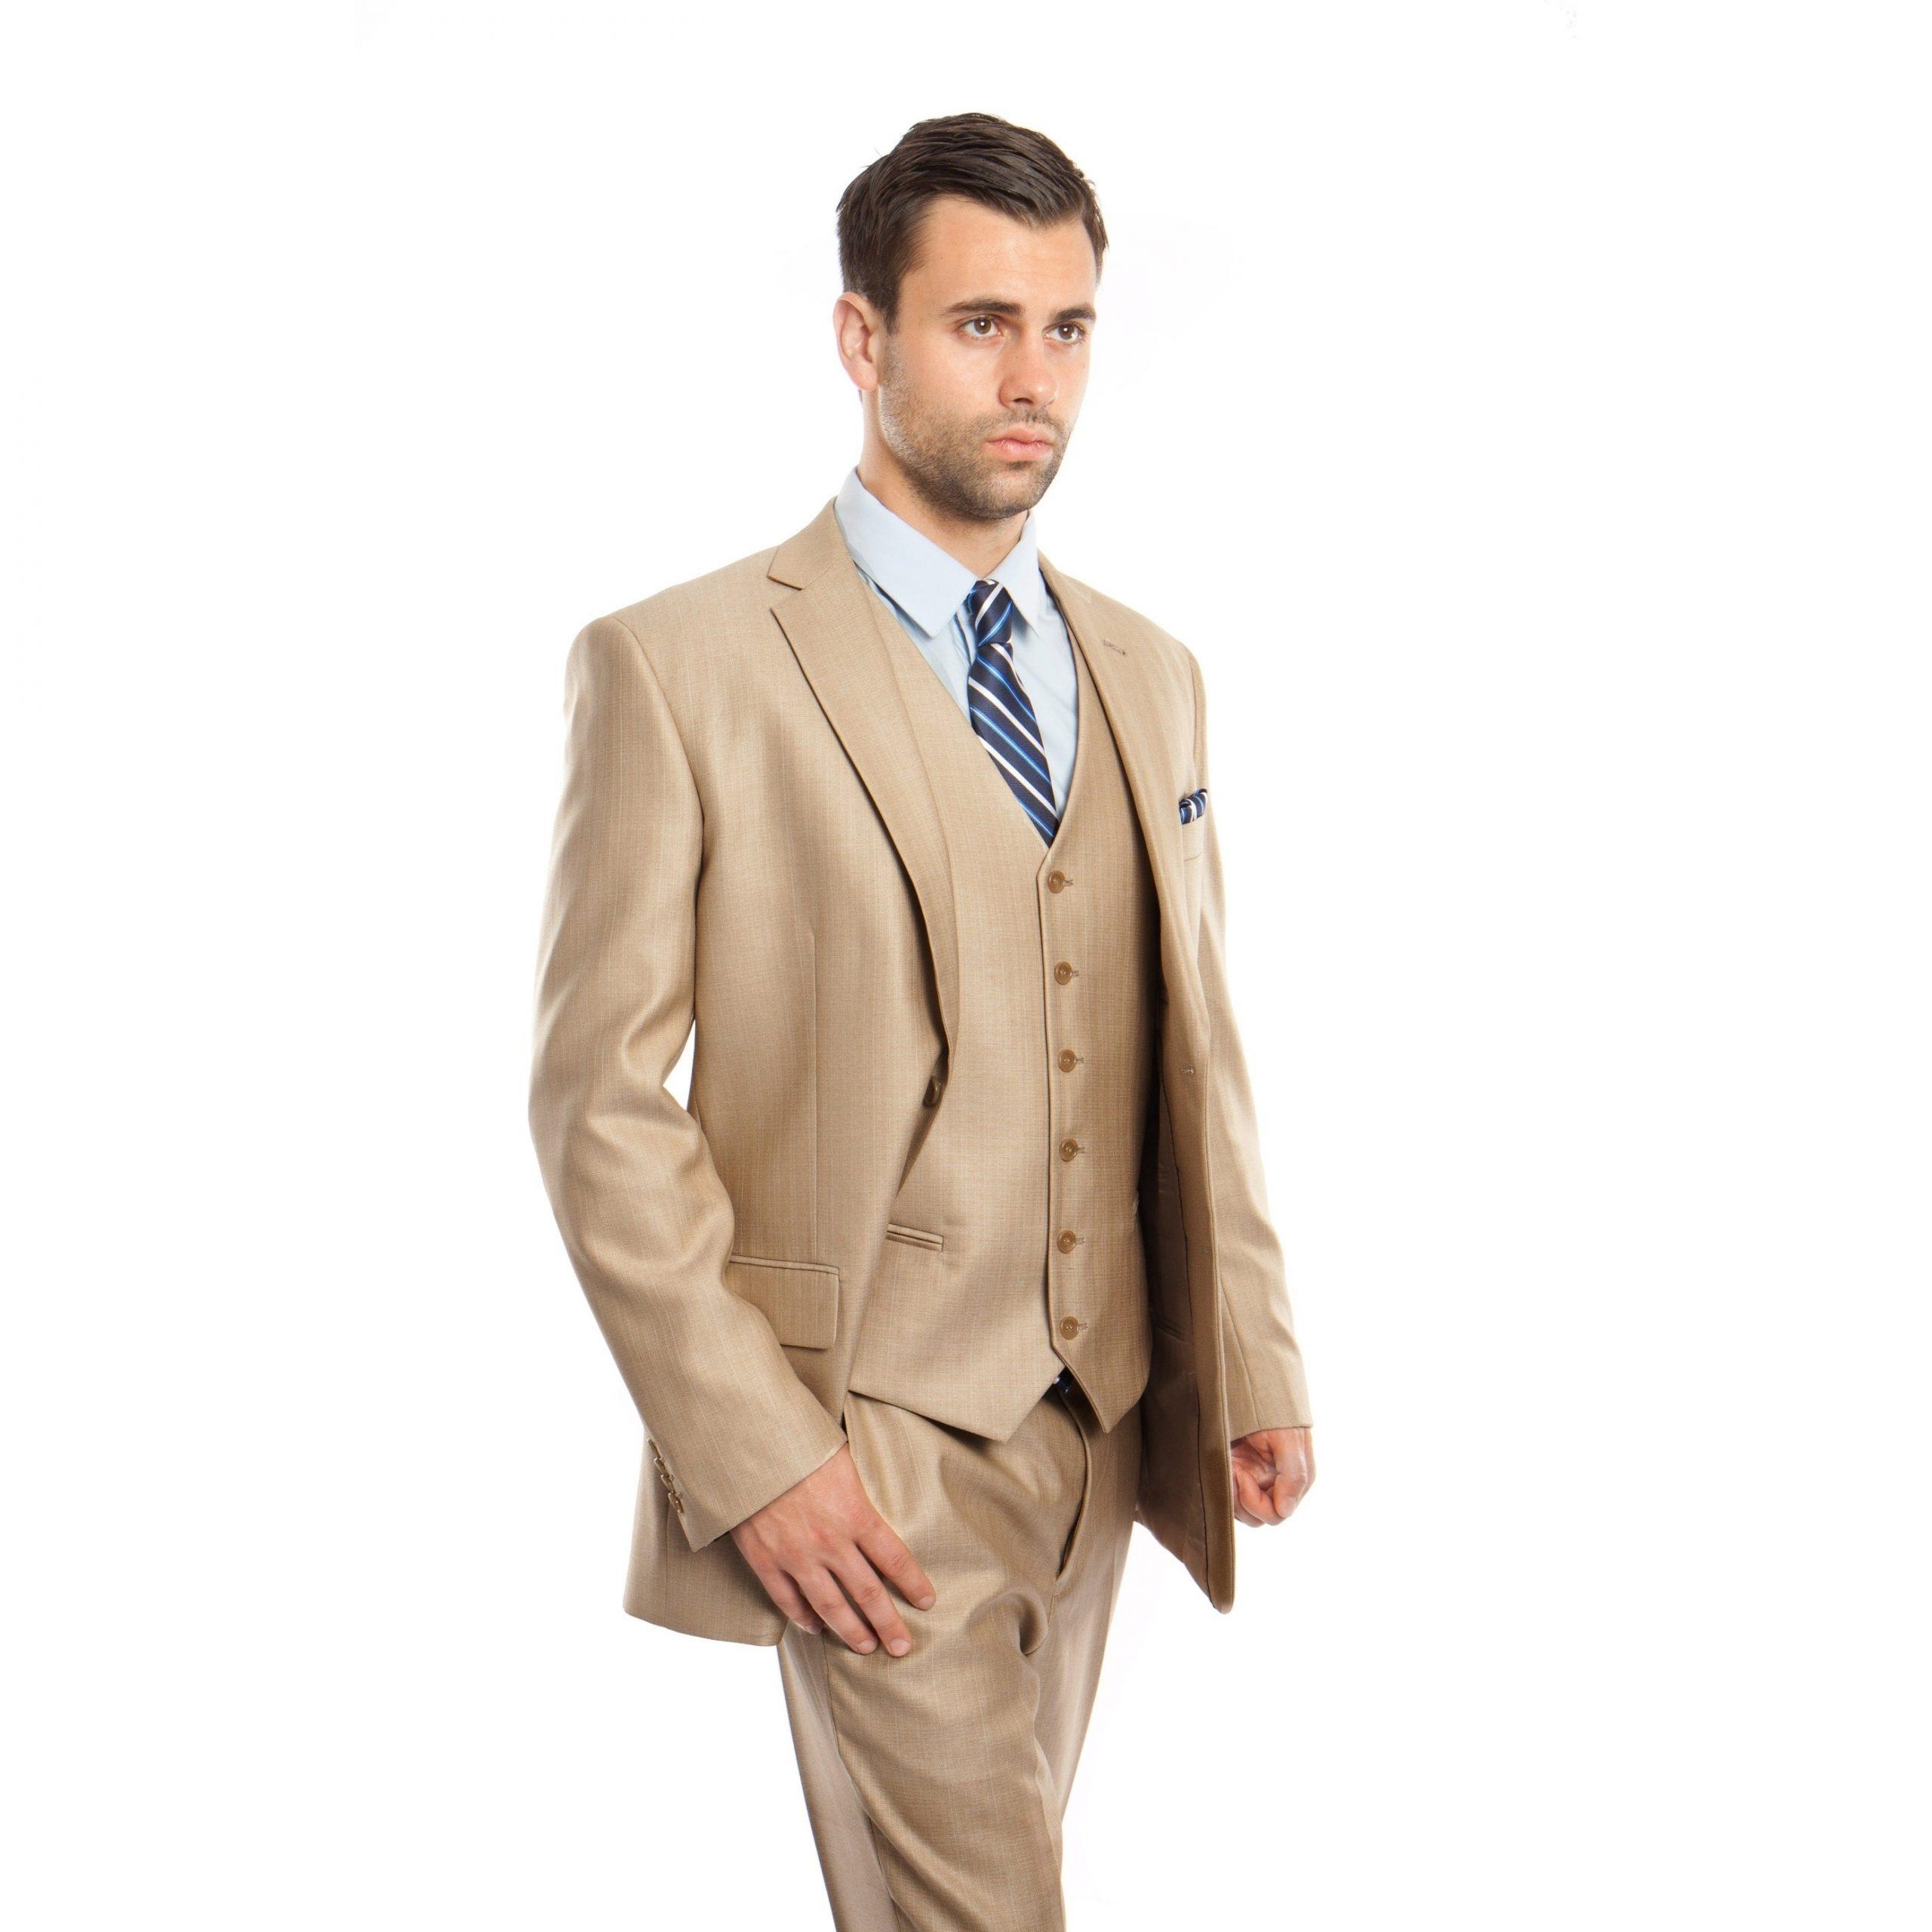 کت و شلوار نشکافه ای با پیرهن آبی روشن با کراوات راه راه